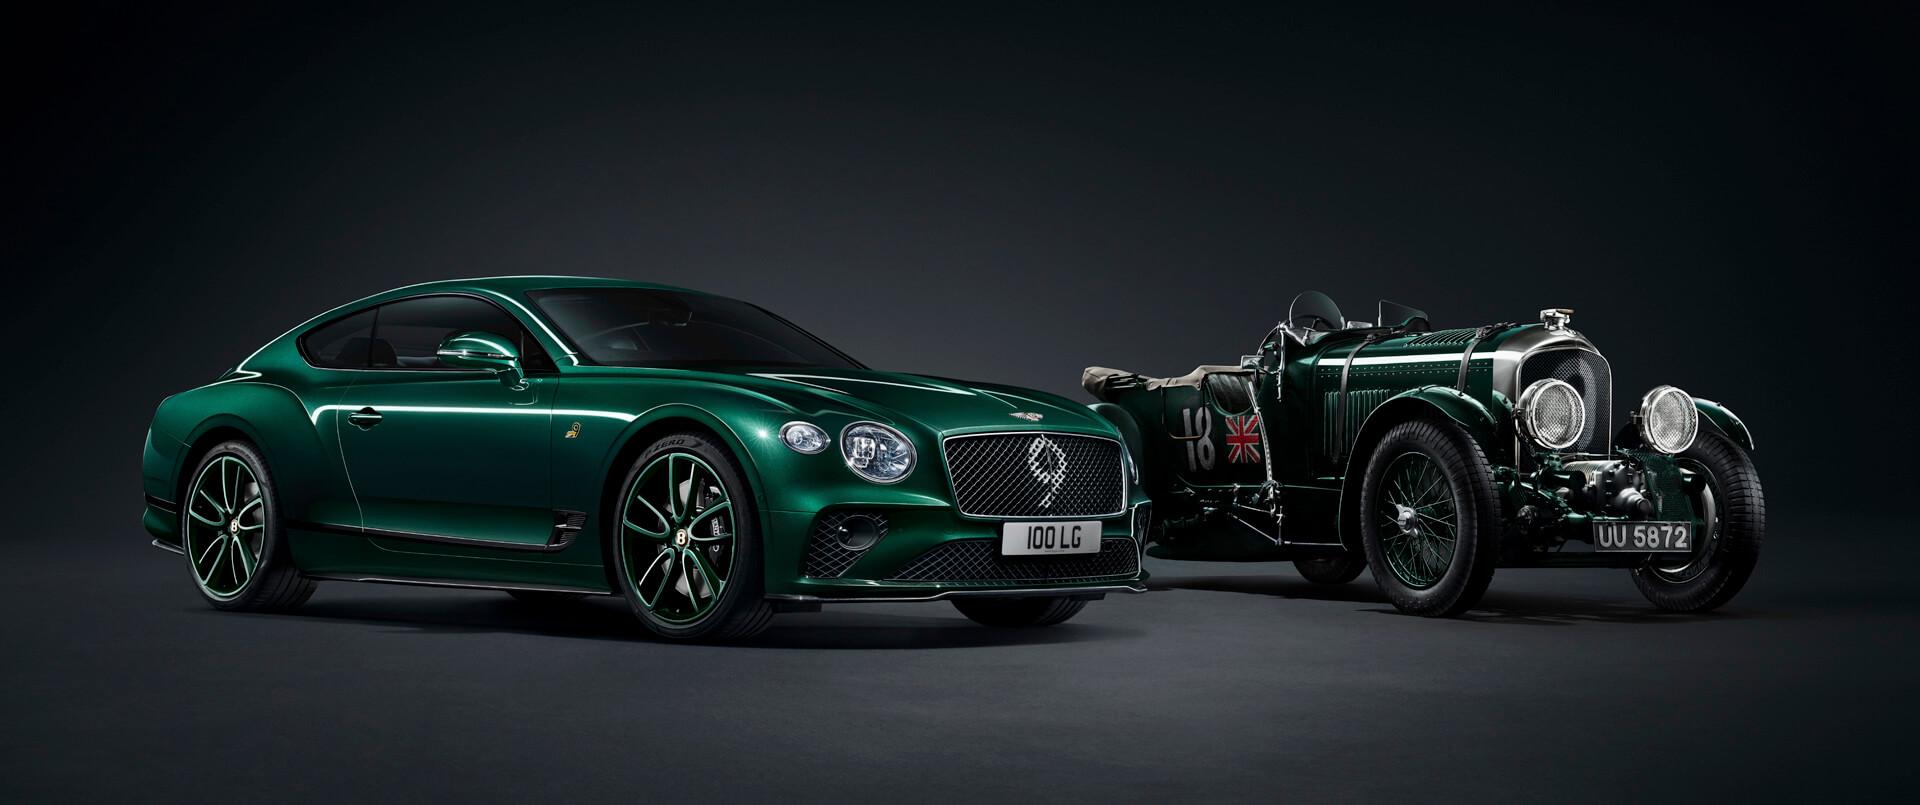 73bf3f7b2c87 Official Bentley Motors website